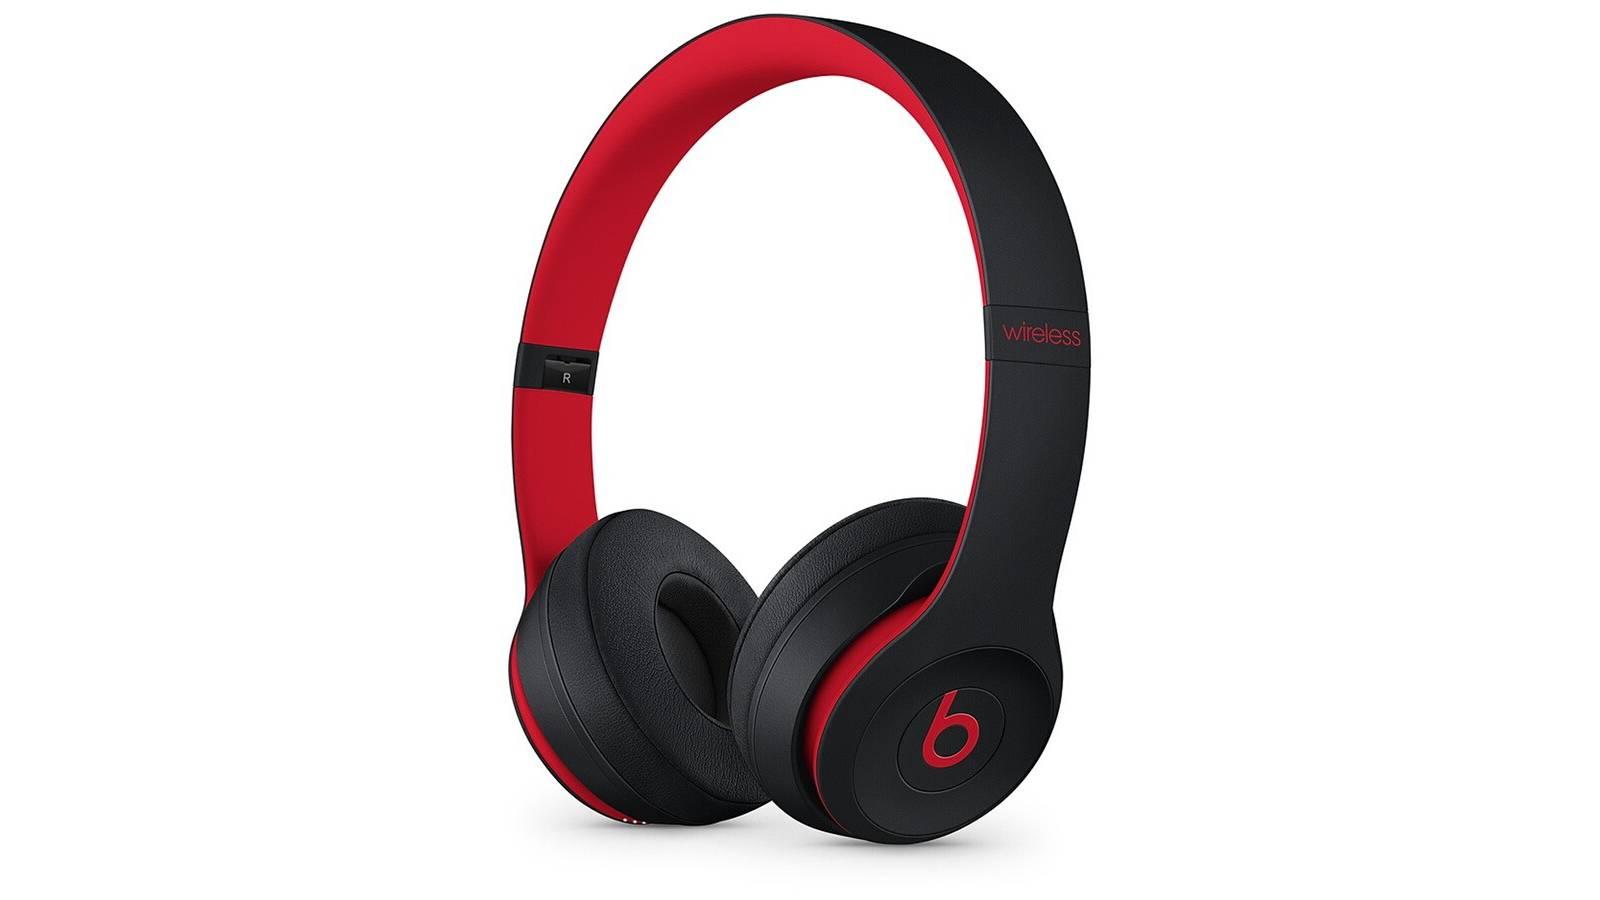 Le casque audio sans fil Beats Solo 3 sous la barre des 130€ grâce à un code promo Darty